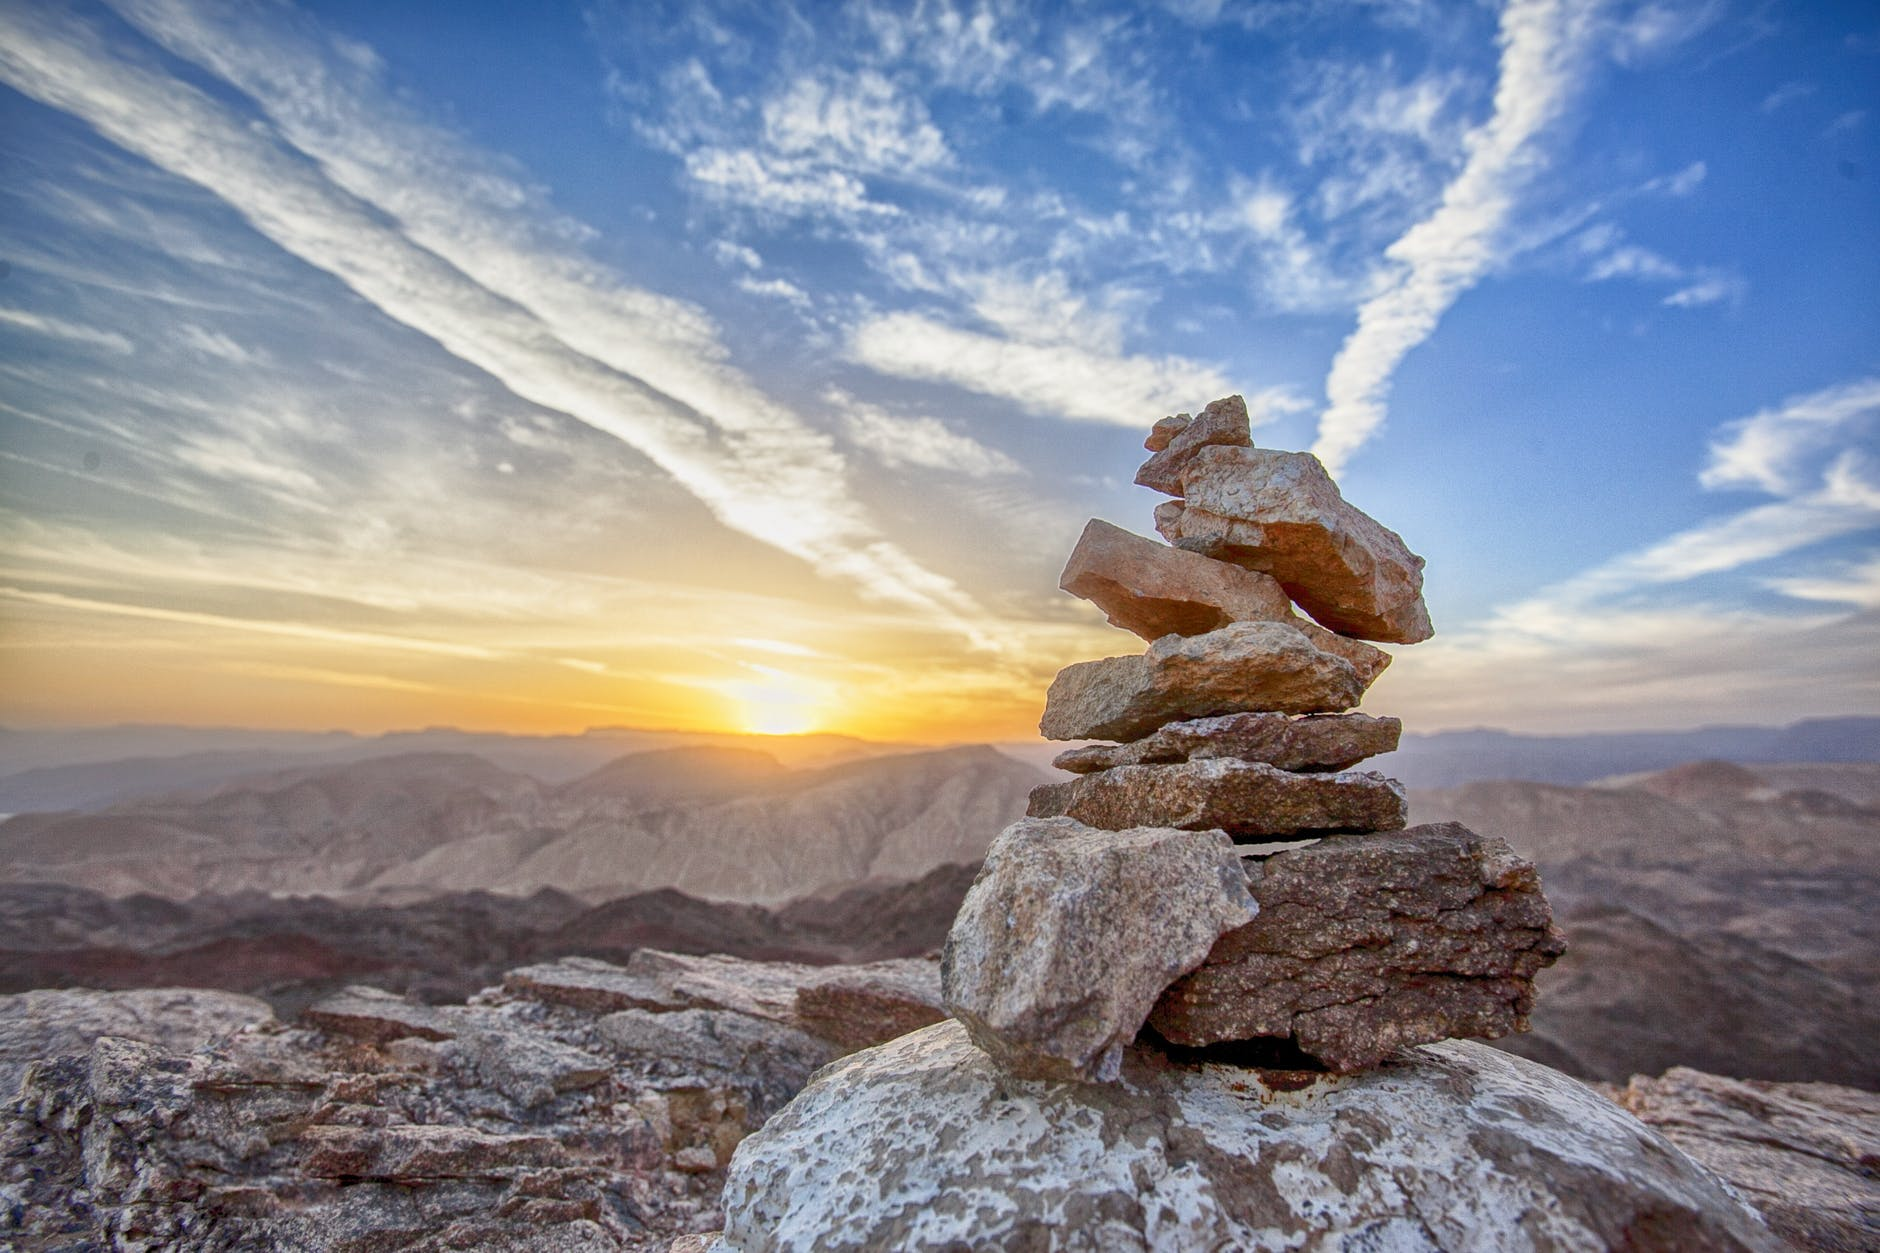 Onyx: Vzácny kameň a zaujímavý designový prvok vmiestnosti